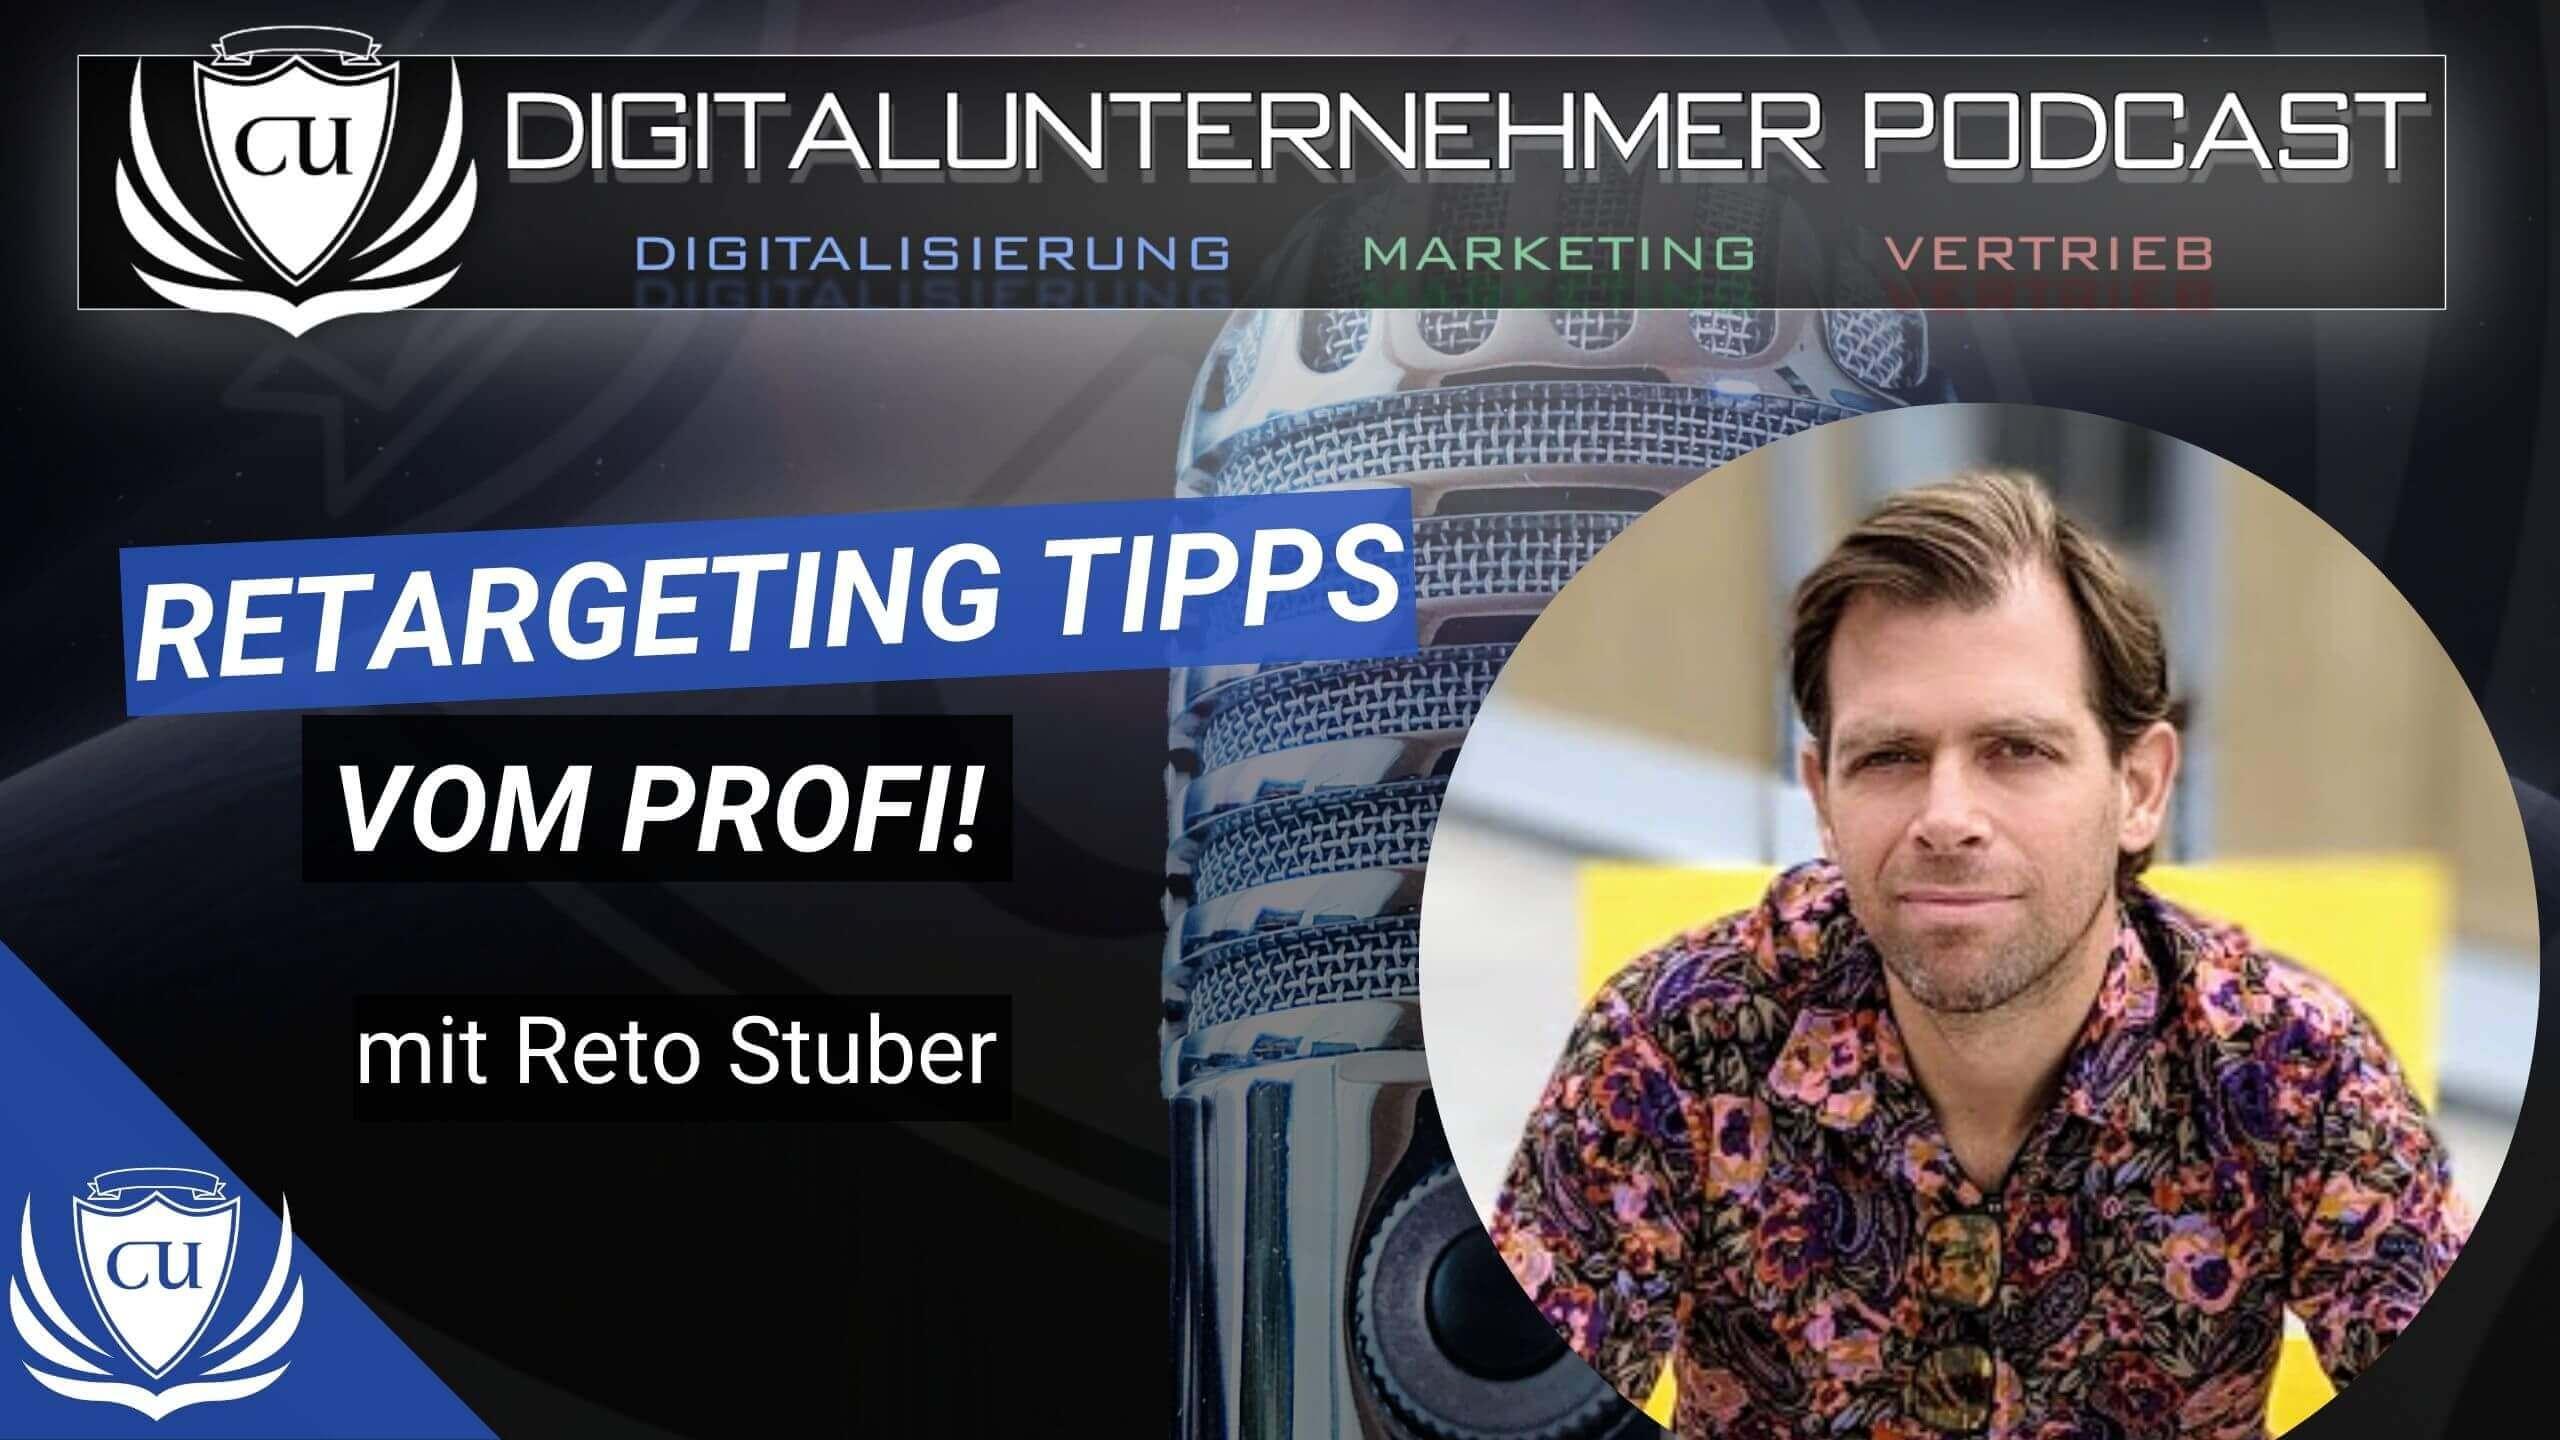 Podcast Interview Reto Stuber - Retargeting Omnipräsenz erklärt Werbung Ads mit Marco Illgen Werbeanzeigen